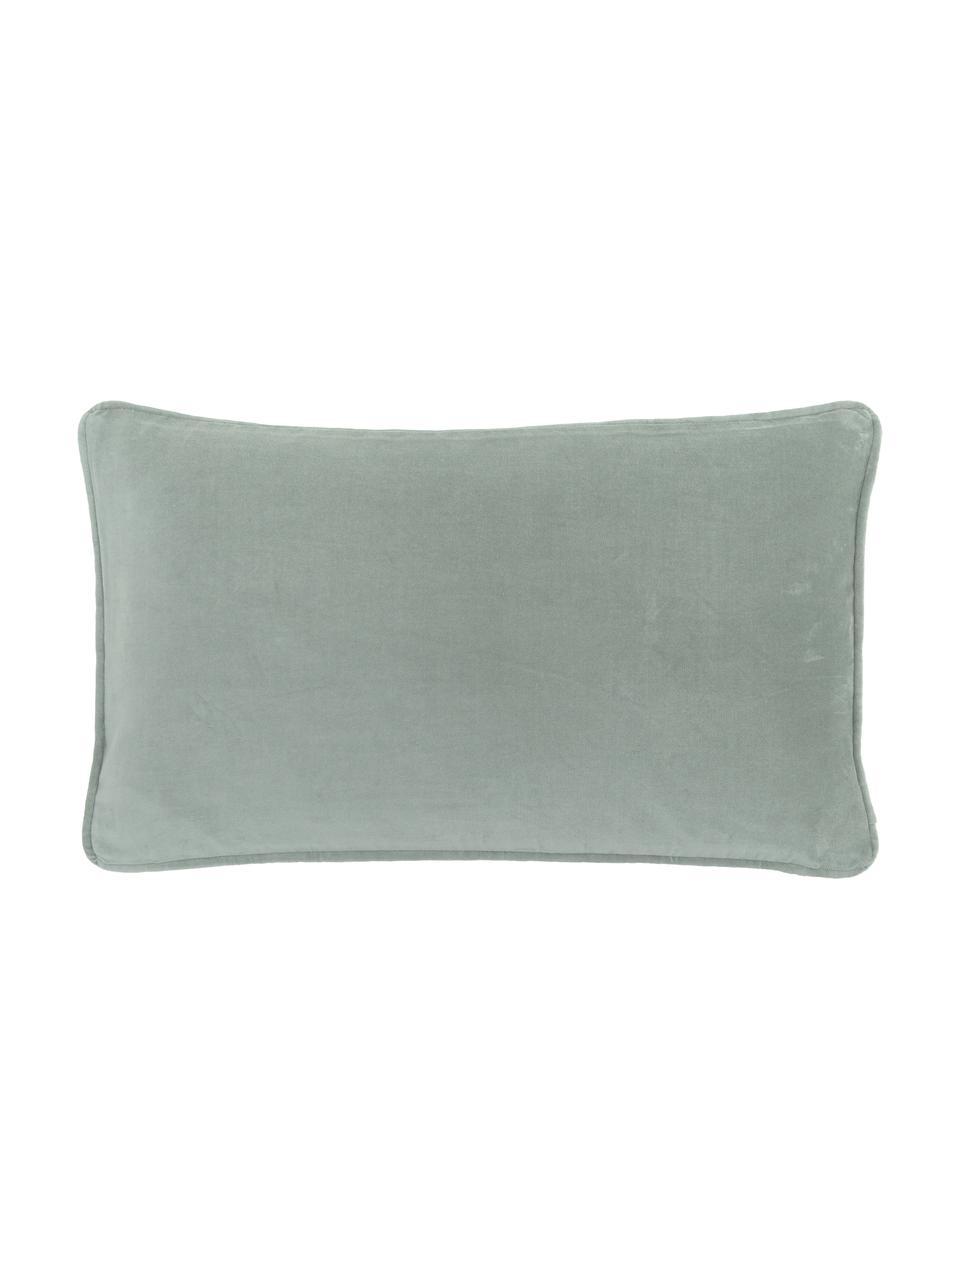 Housse de coussin rectangulaire velours vert sauge Dana, Vert sauge